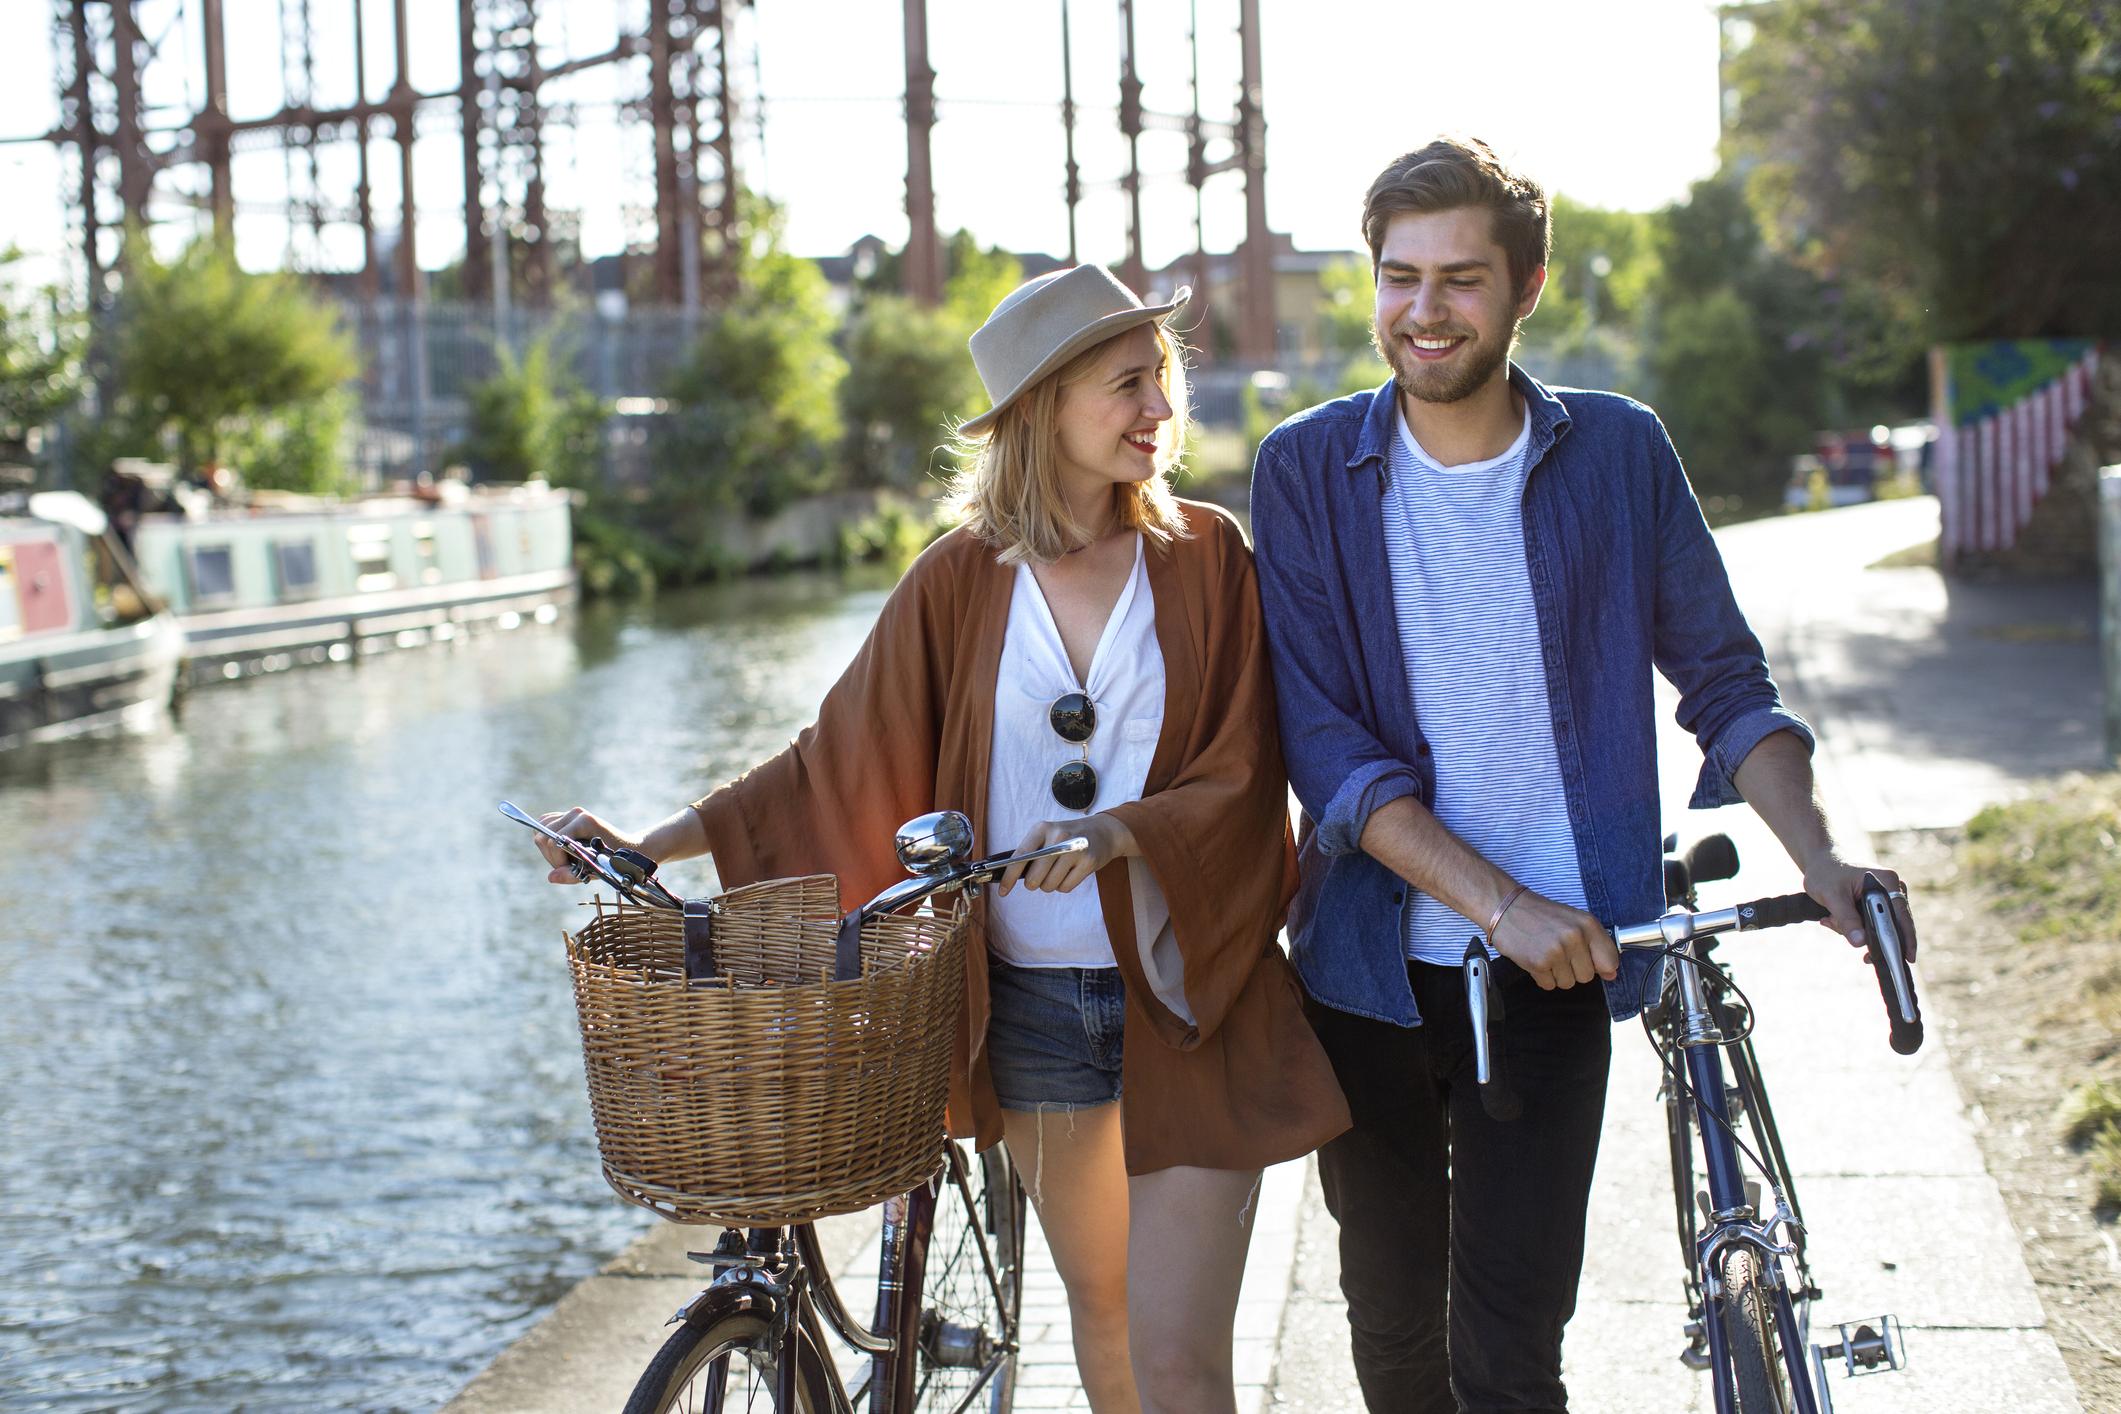 Deux personnes marchant ensemble avec des vélos le long d'un canal, une façon de soulager les gaz emprisonnés.